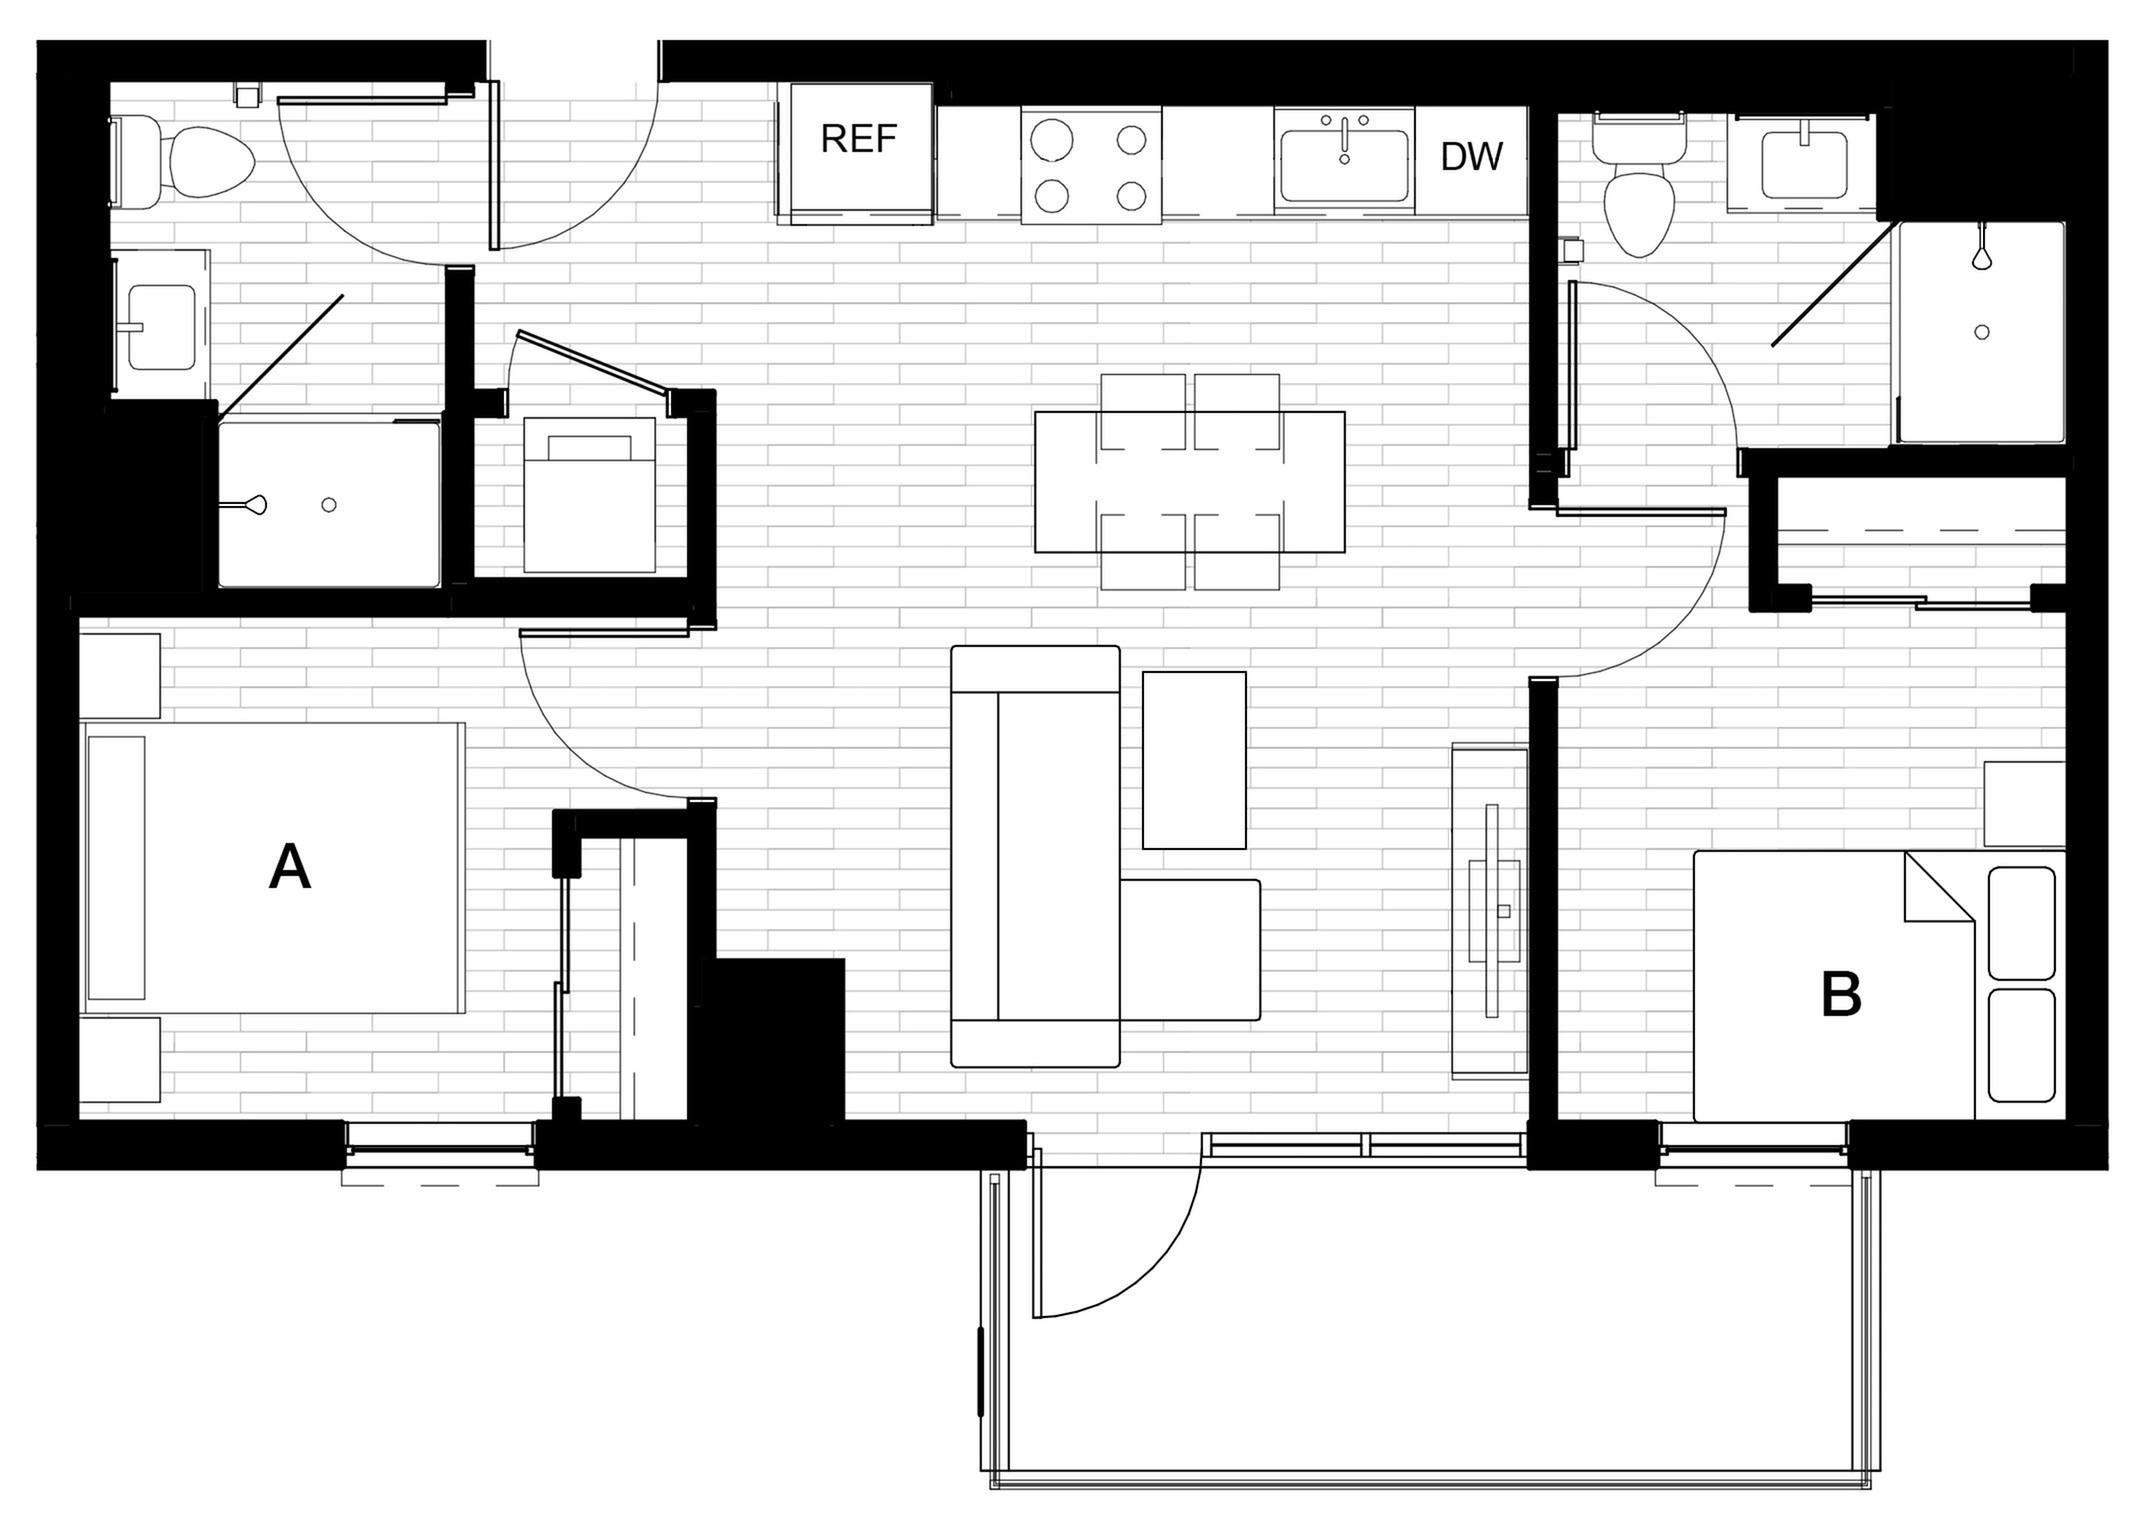 2x2 A - Balcony